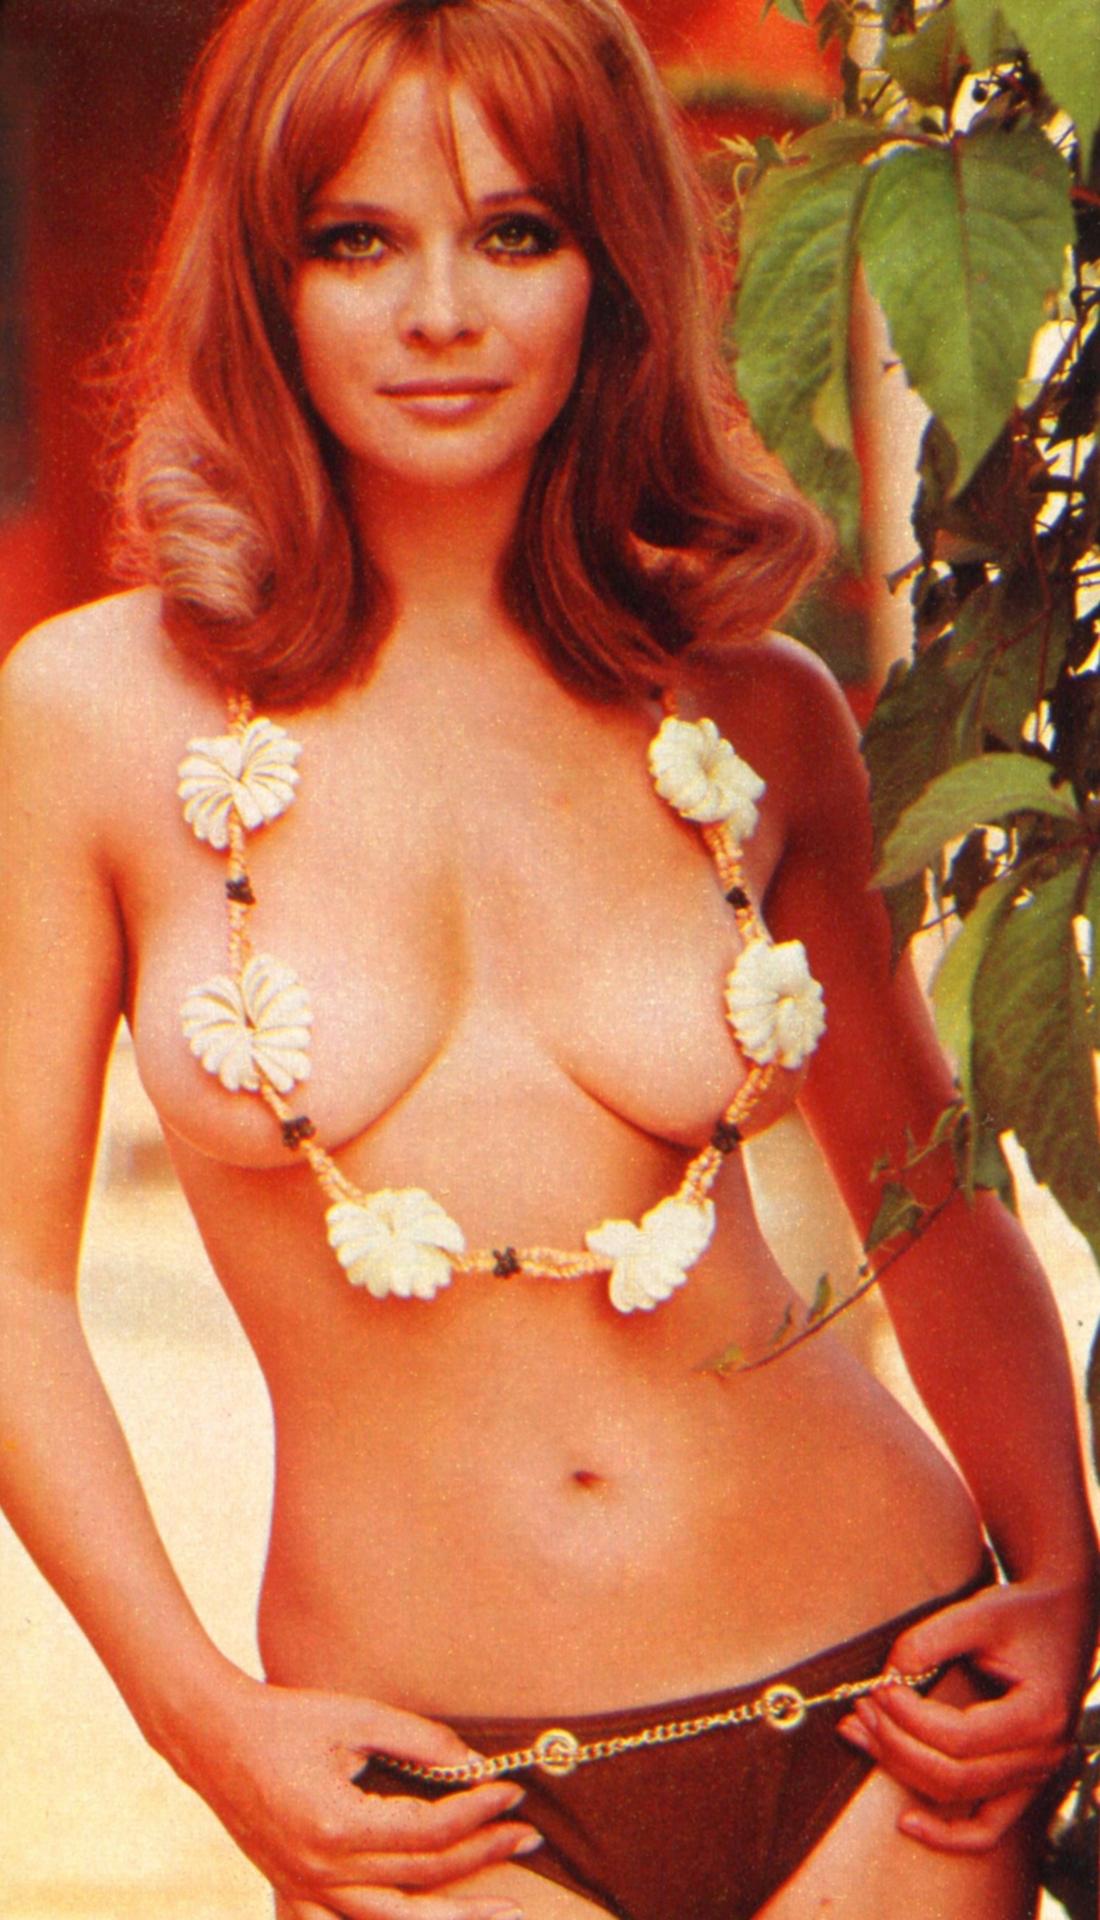 La bellezza unica di Laura Antonelli - 1975 -